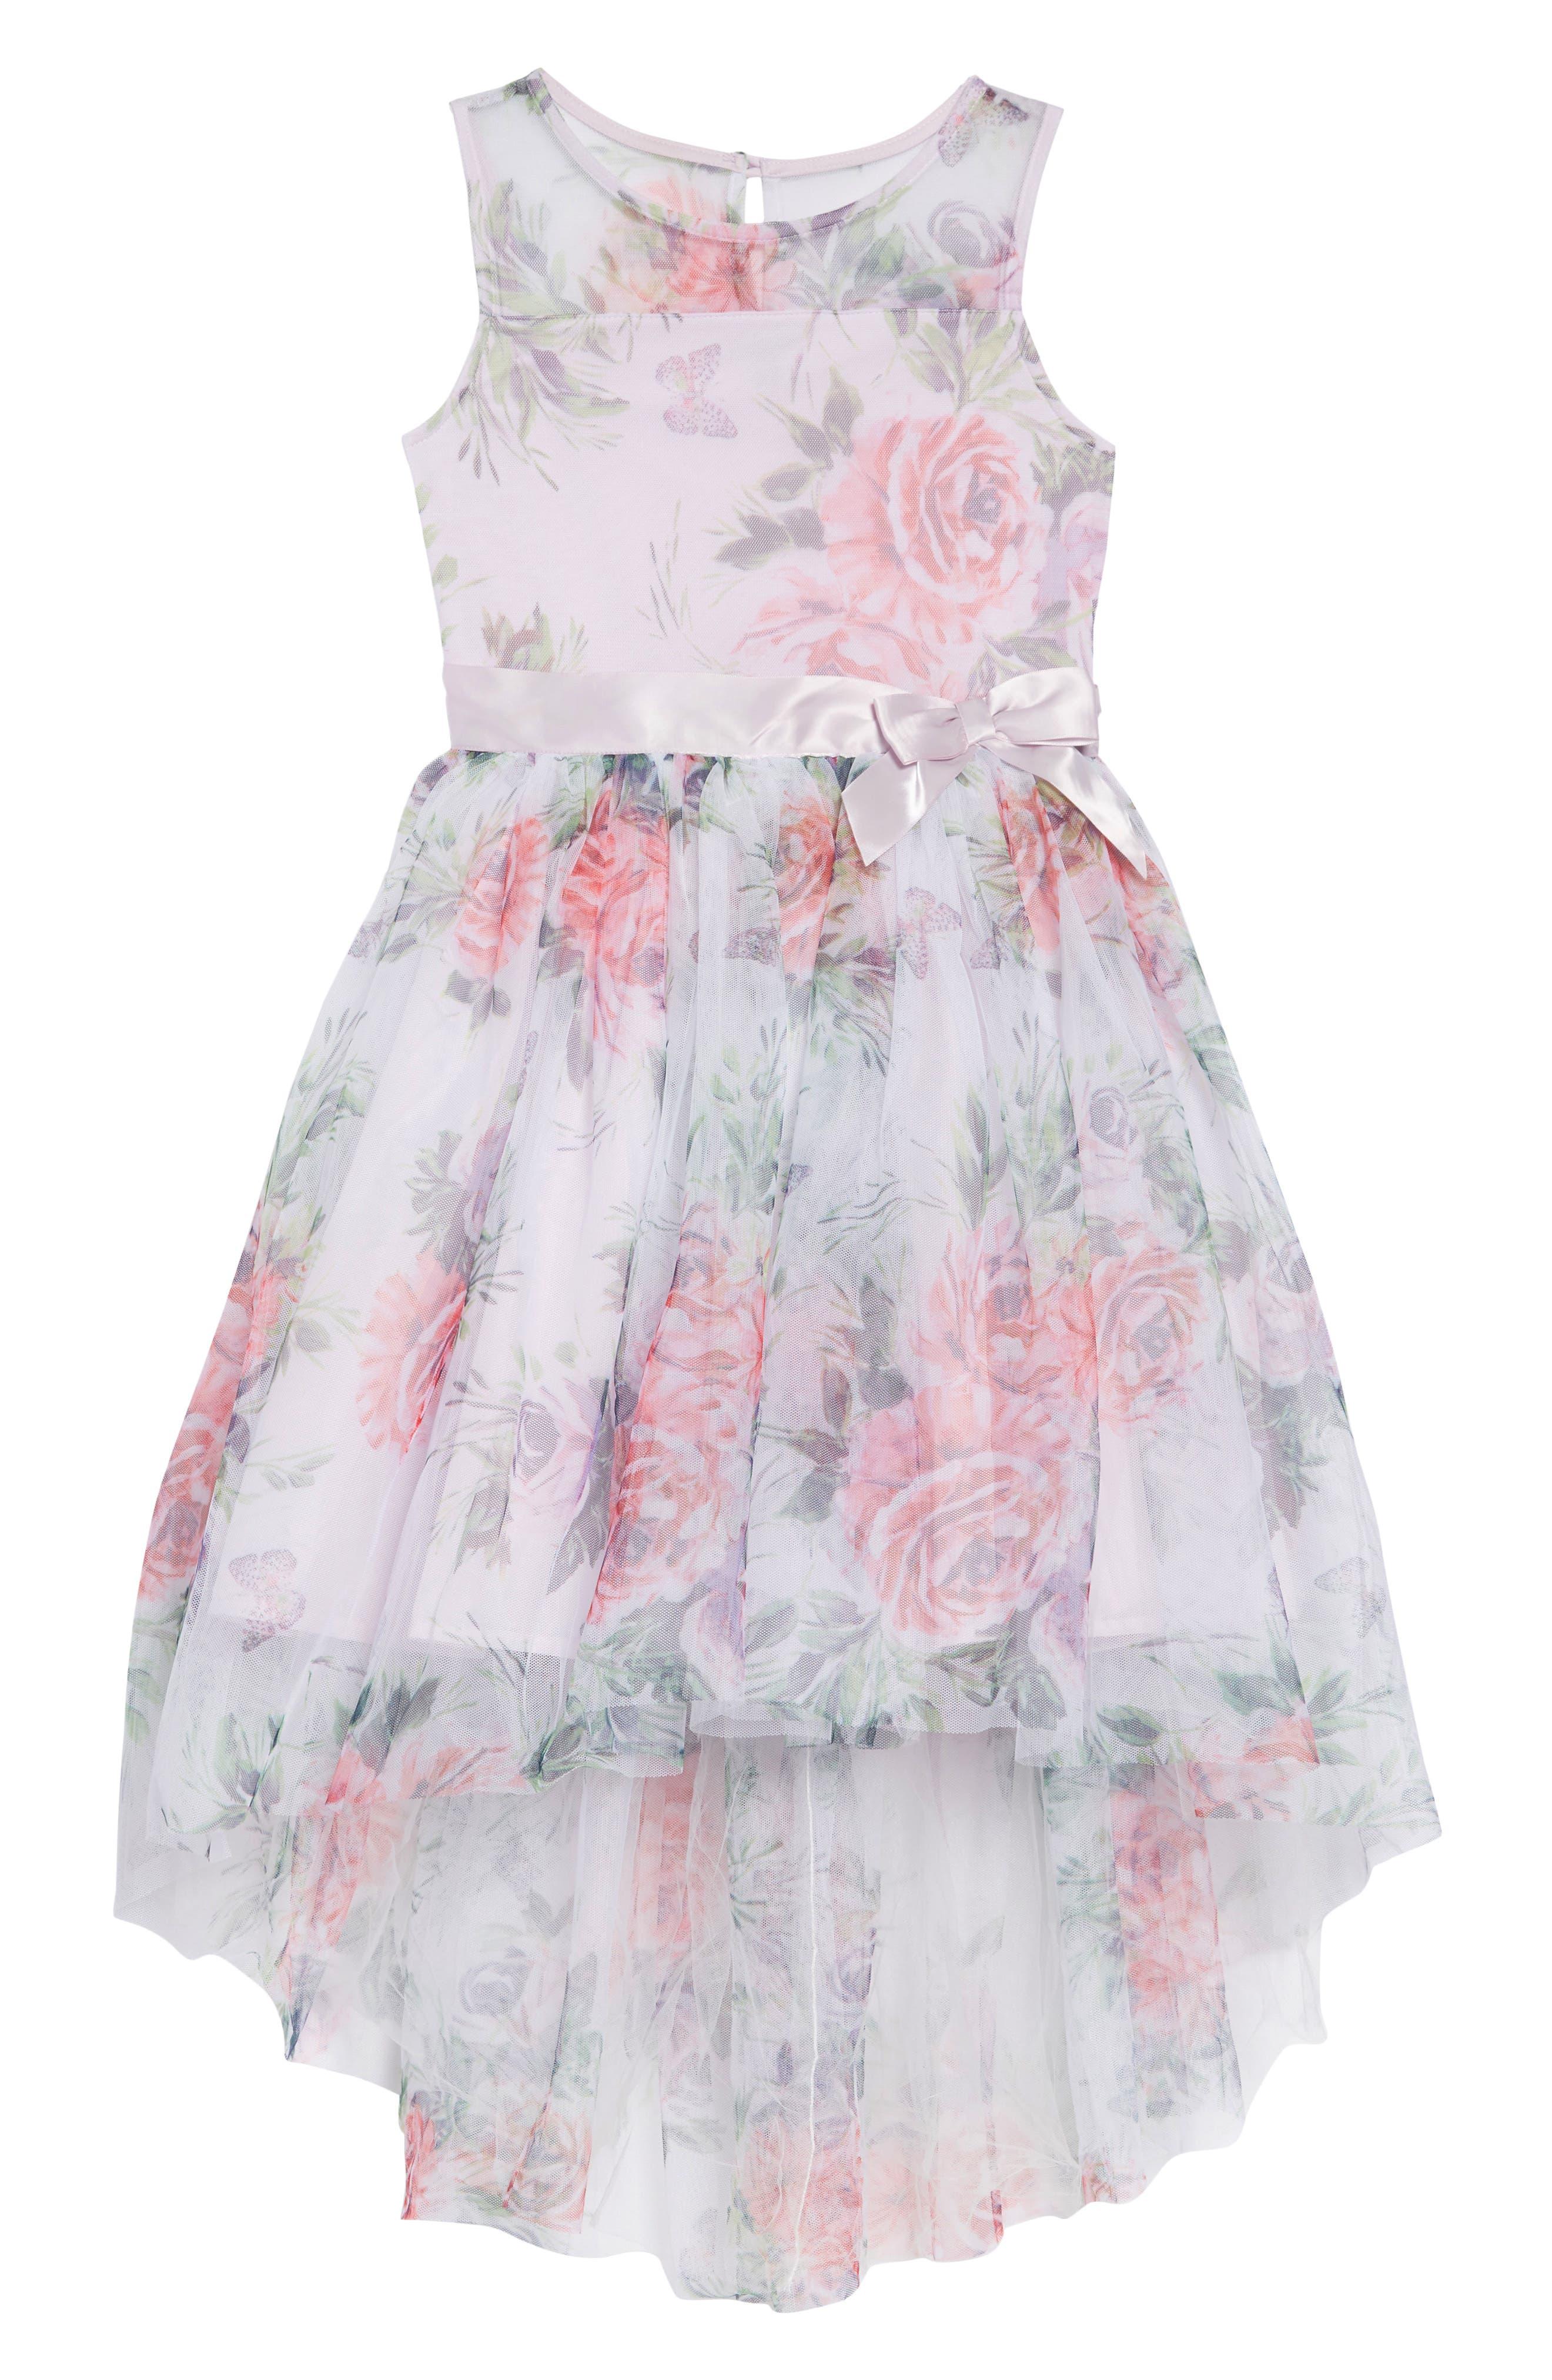 ZUNIE, Floral Print Dress, Main thumbnail 1, color, LAVENDER FLORAL